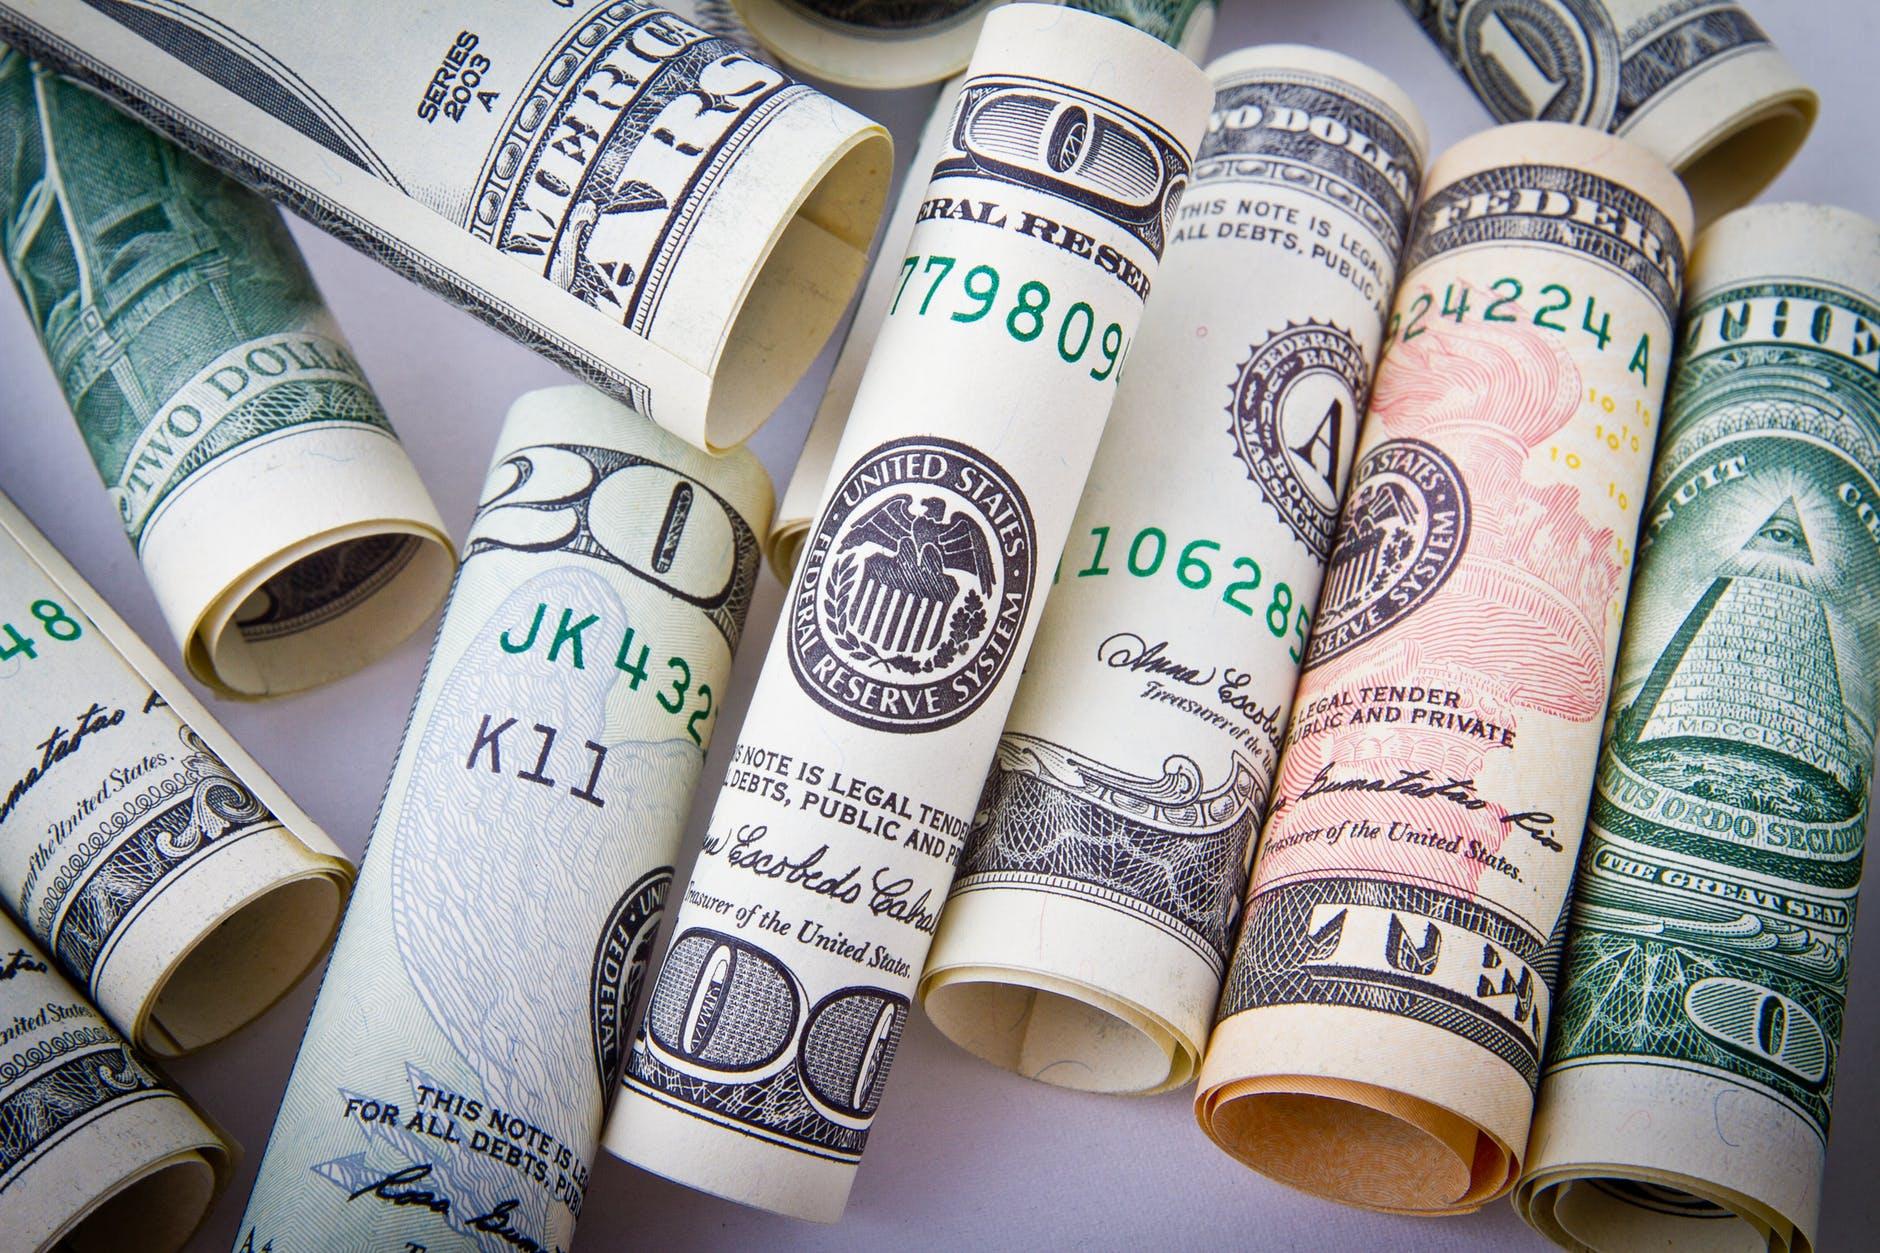 أسعار العملات في البنك الأهلي المصري اليوم الثلاثاء 14 يوليو - أموال الغد